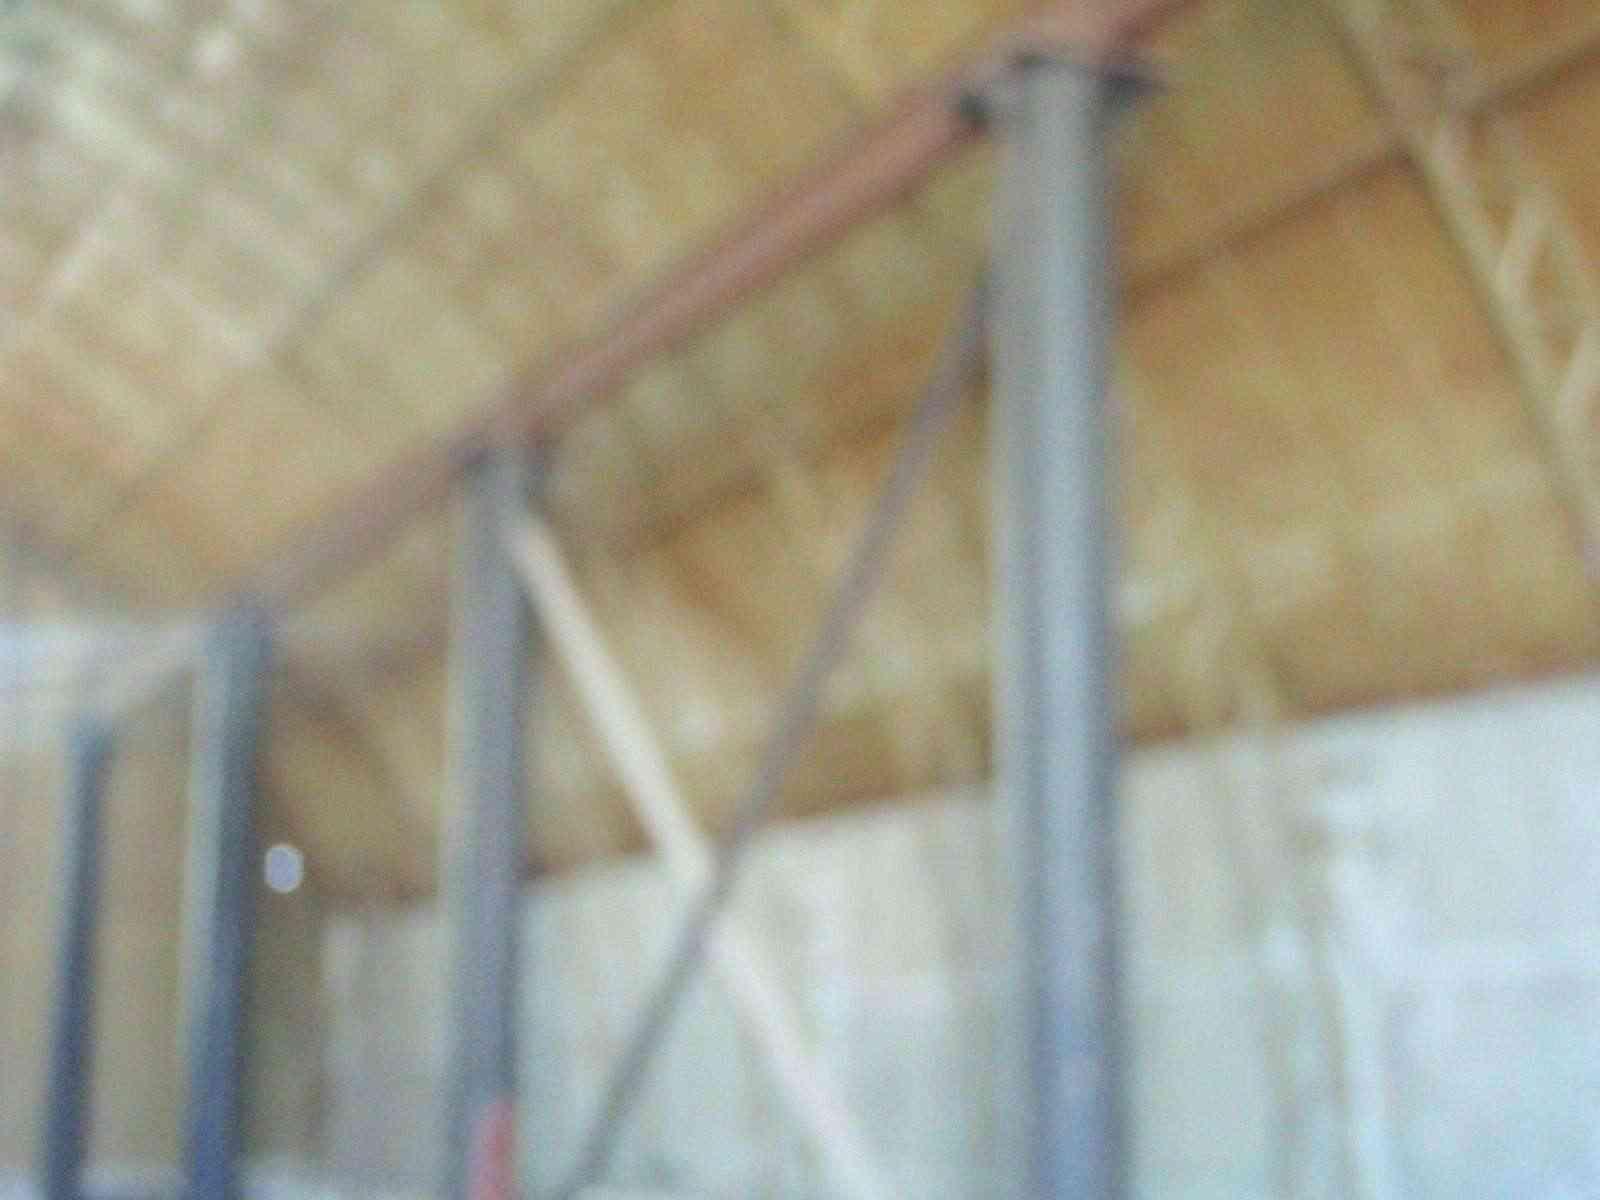 Продаю (сдаю в аренду) здание, помещение (ангар, арочник) под склад, производство.. Фото 2